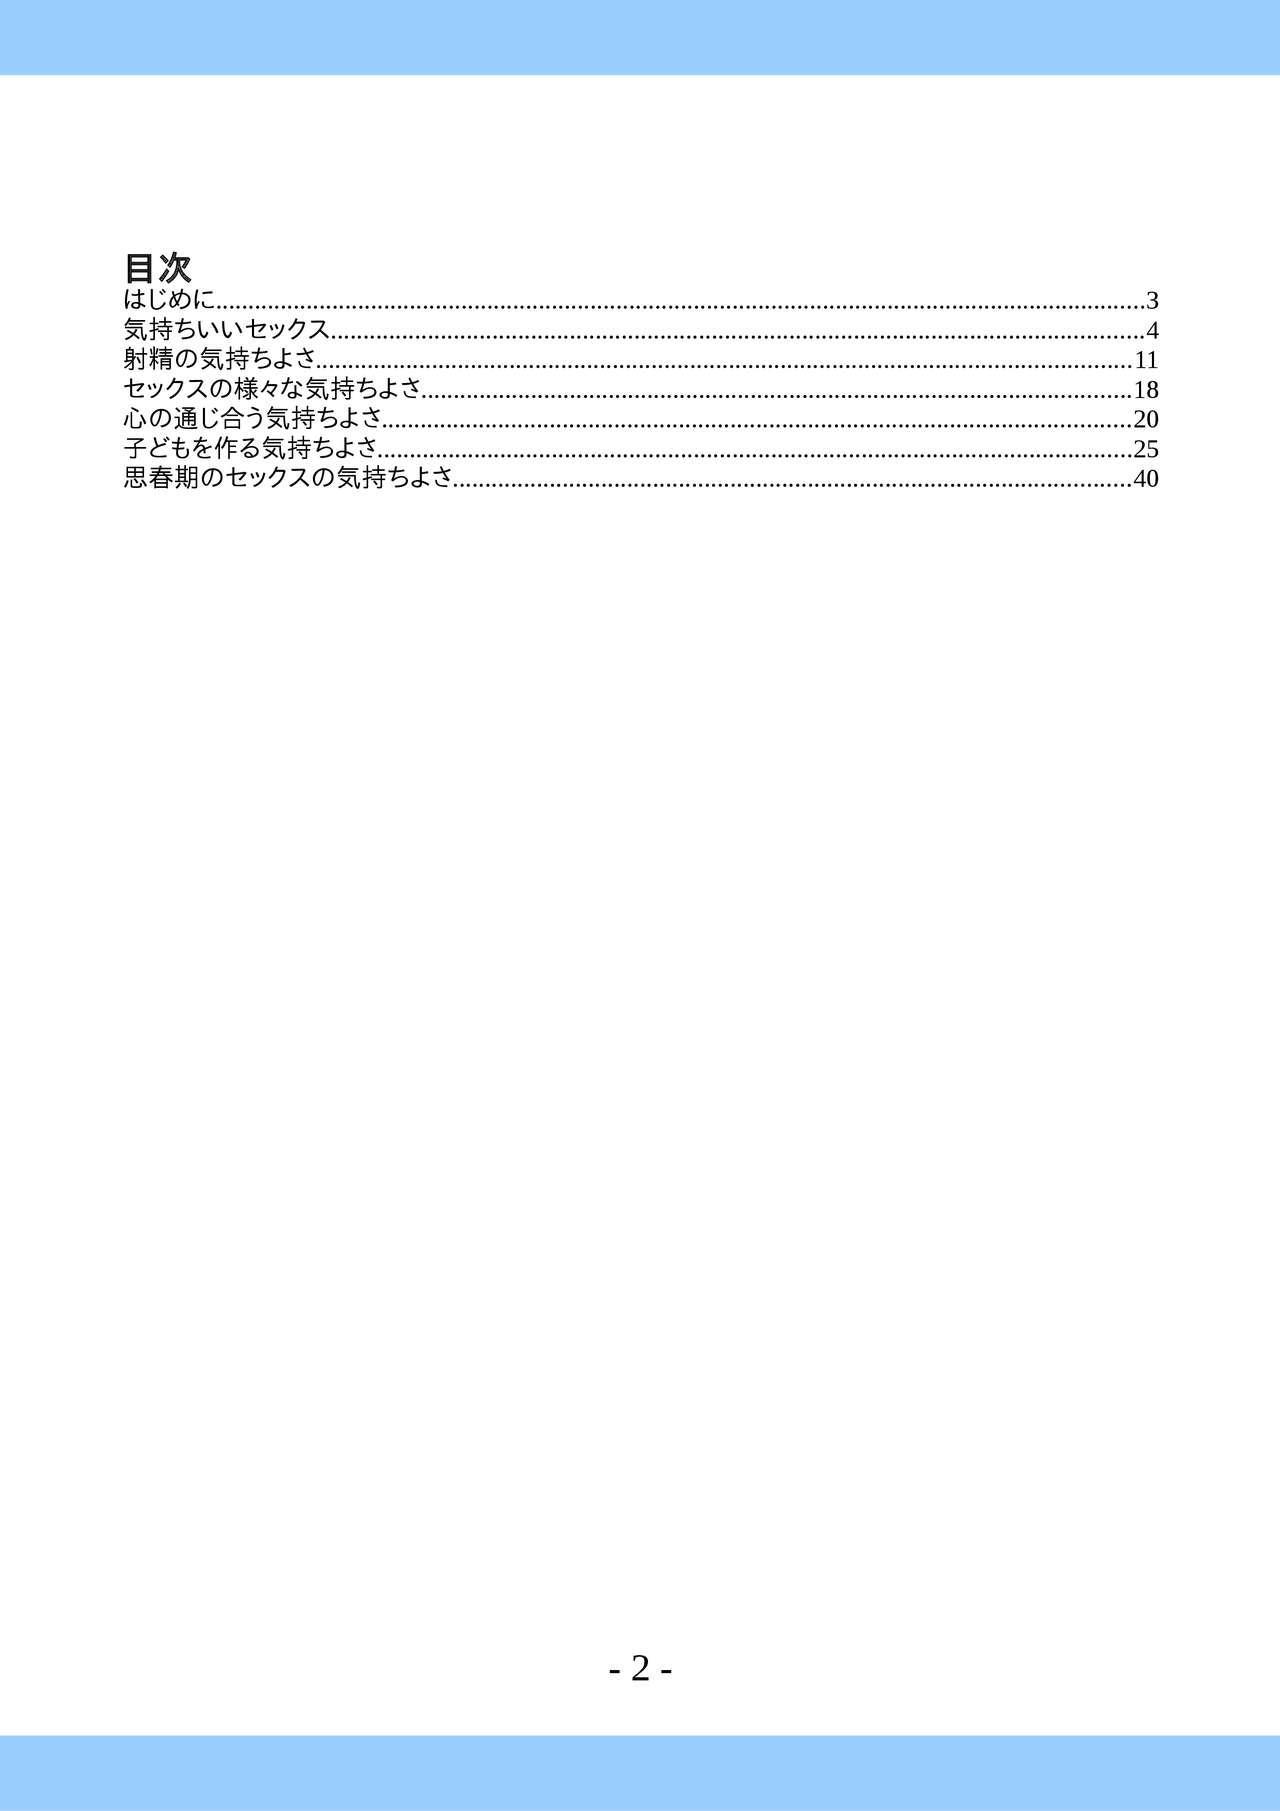 Shishunki no Tame no Tottemo Kimochii Sex no Ohanashi 1